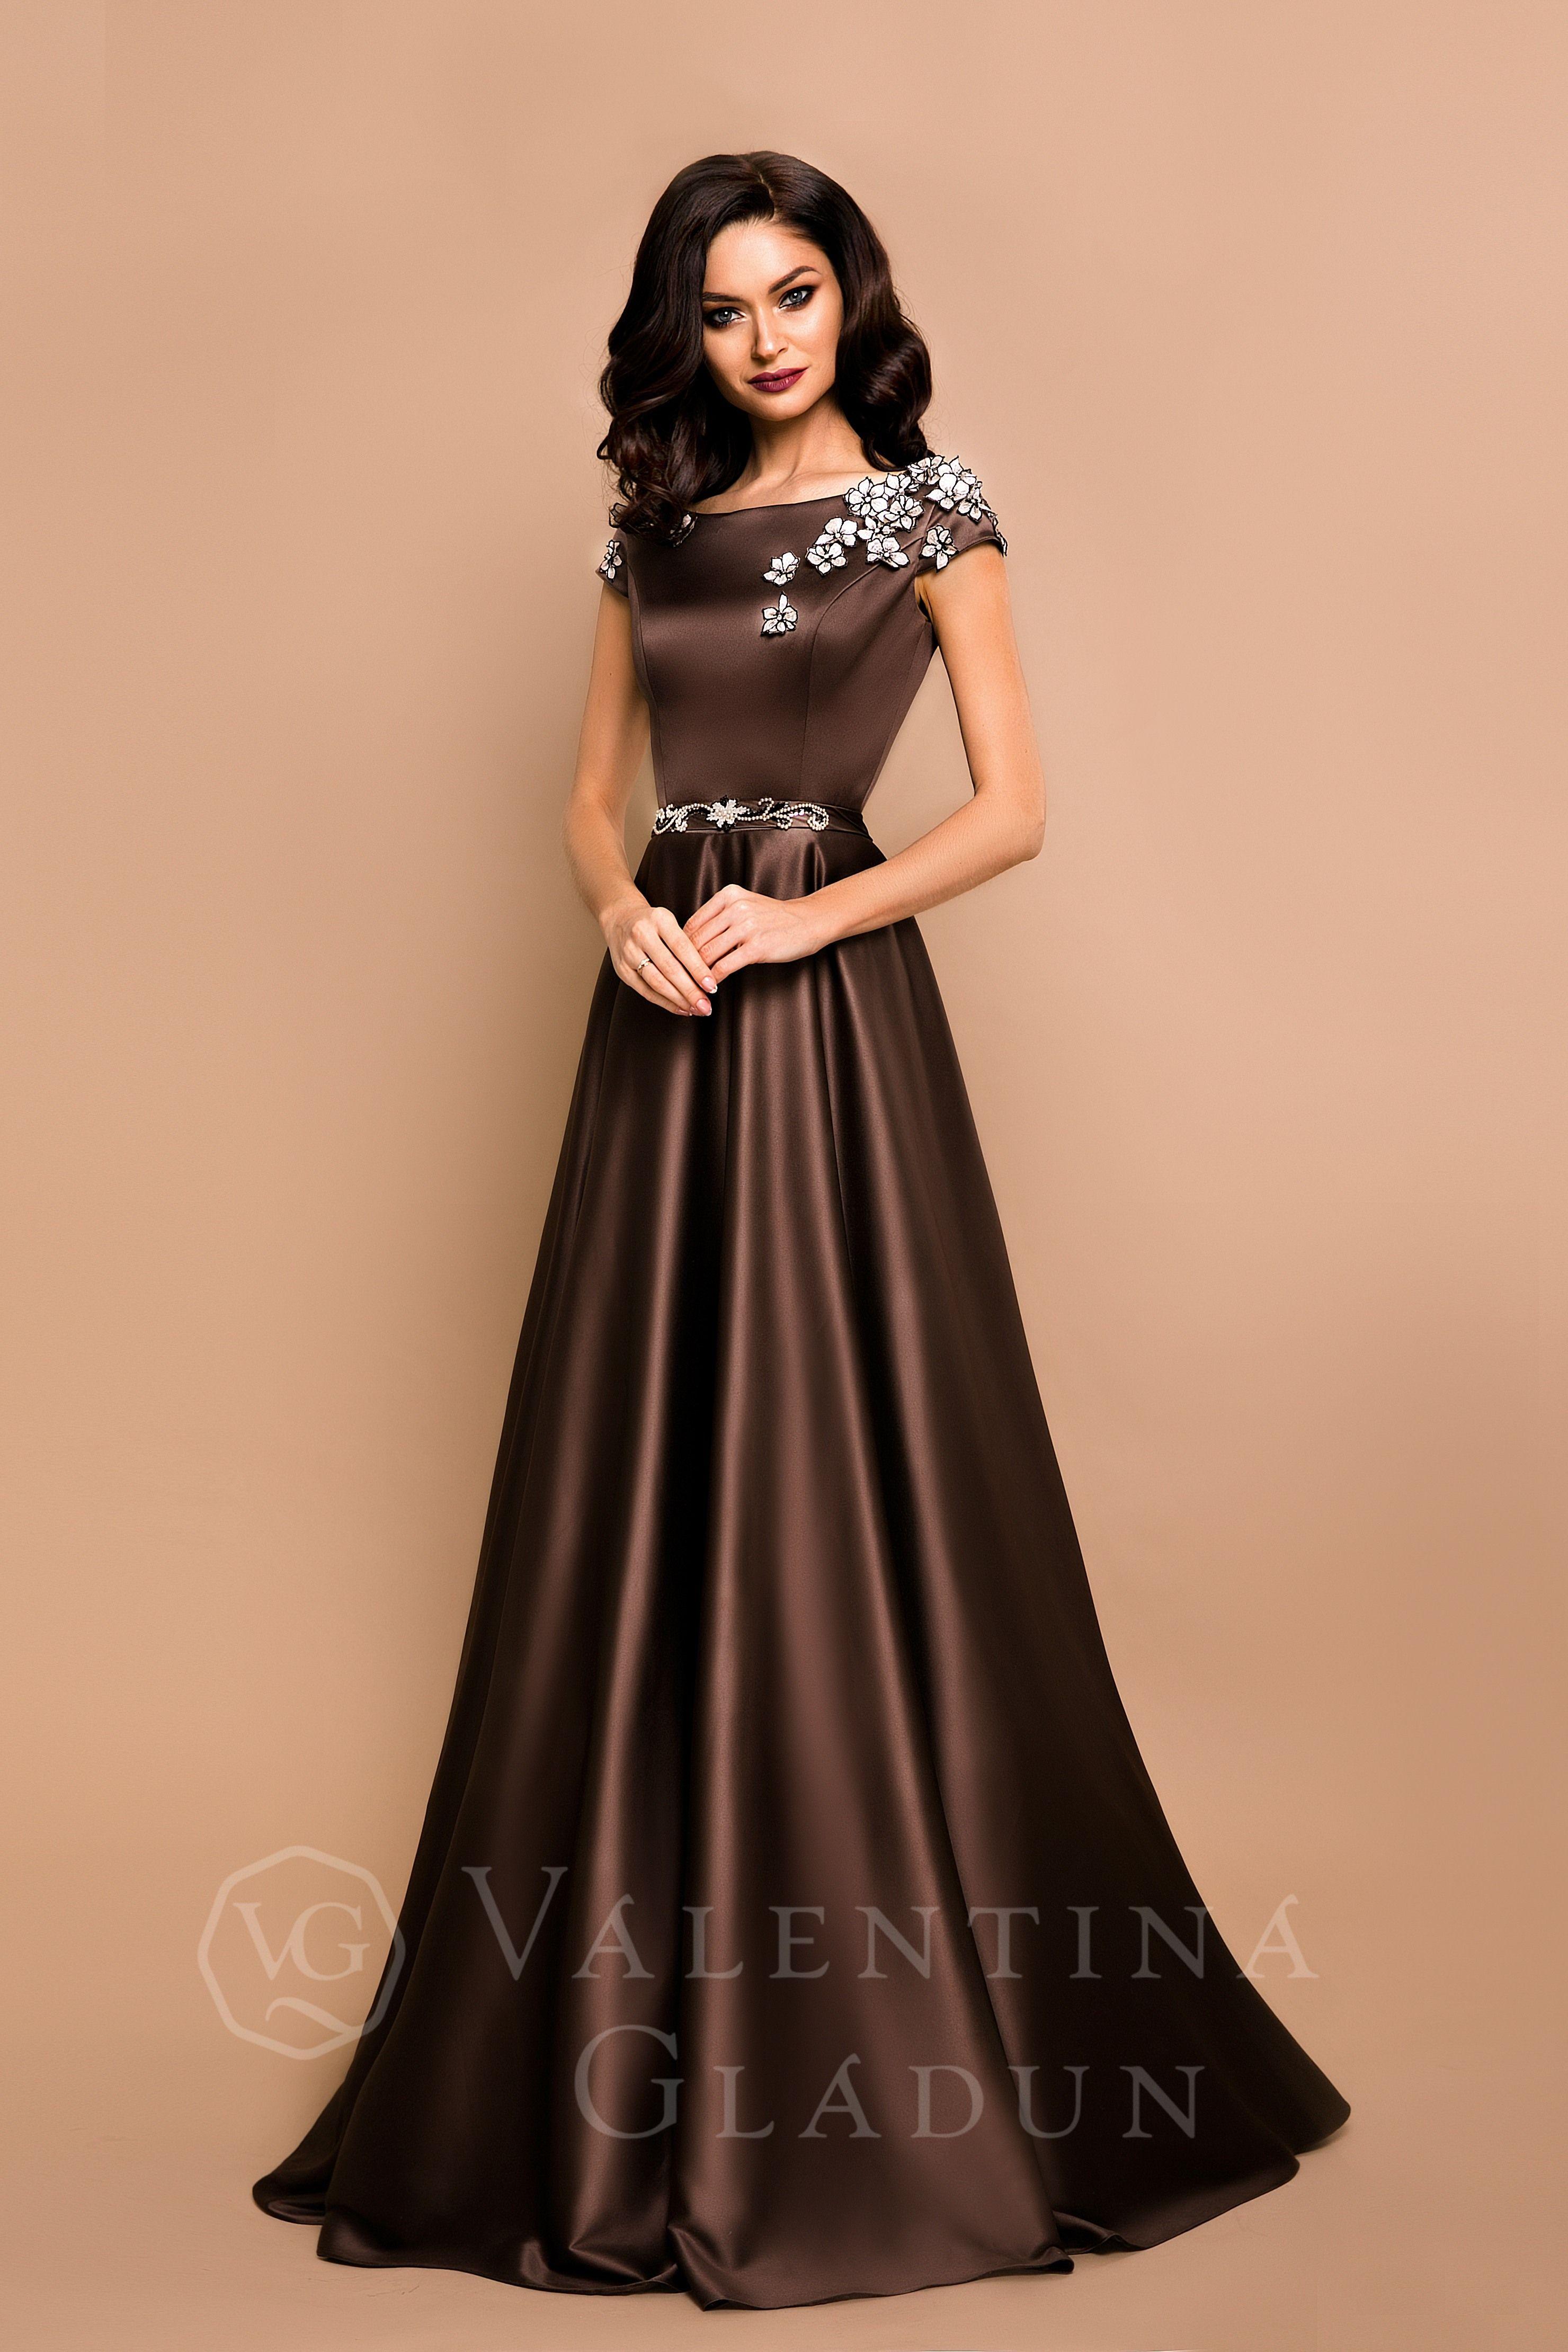 cad9785c4e5 Роскошное вечернее платье в пол Данное платье изготовлено из королевского  атласа. Лиф платья украшают шелковые